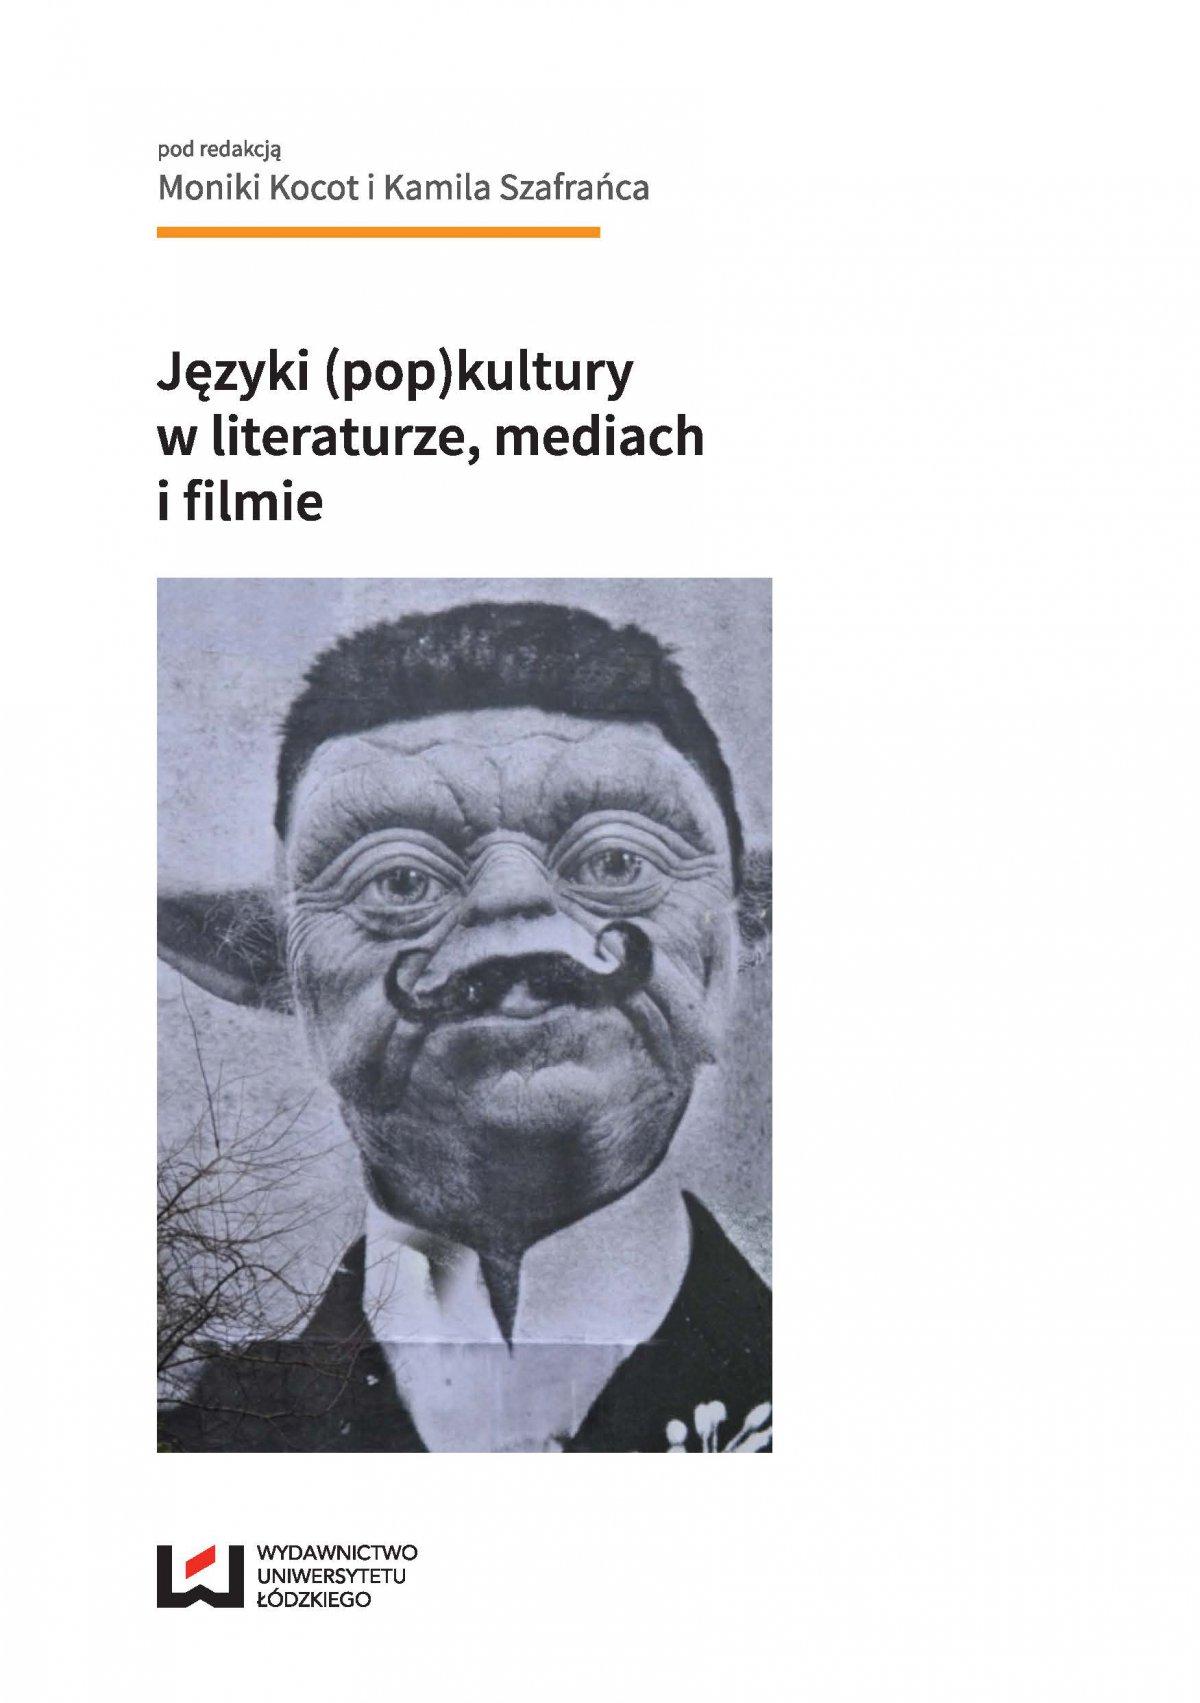 Języki (pop)kultury w literaturze, mediach i filmie - Ebook (Książka PDF) do pobrania w formacie PDF